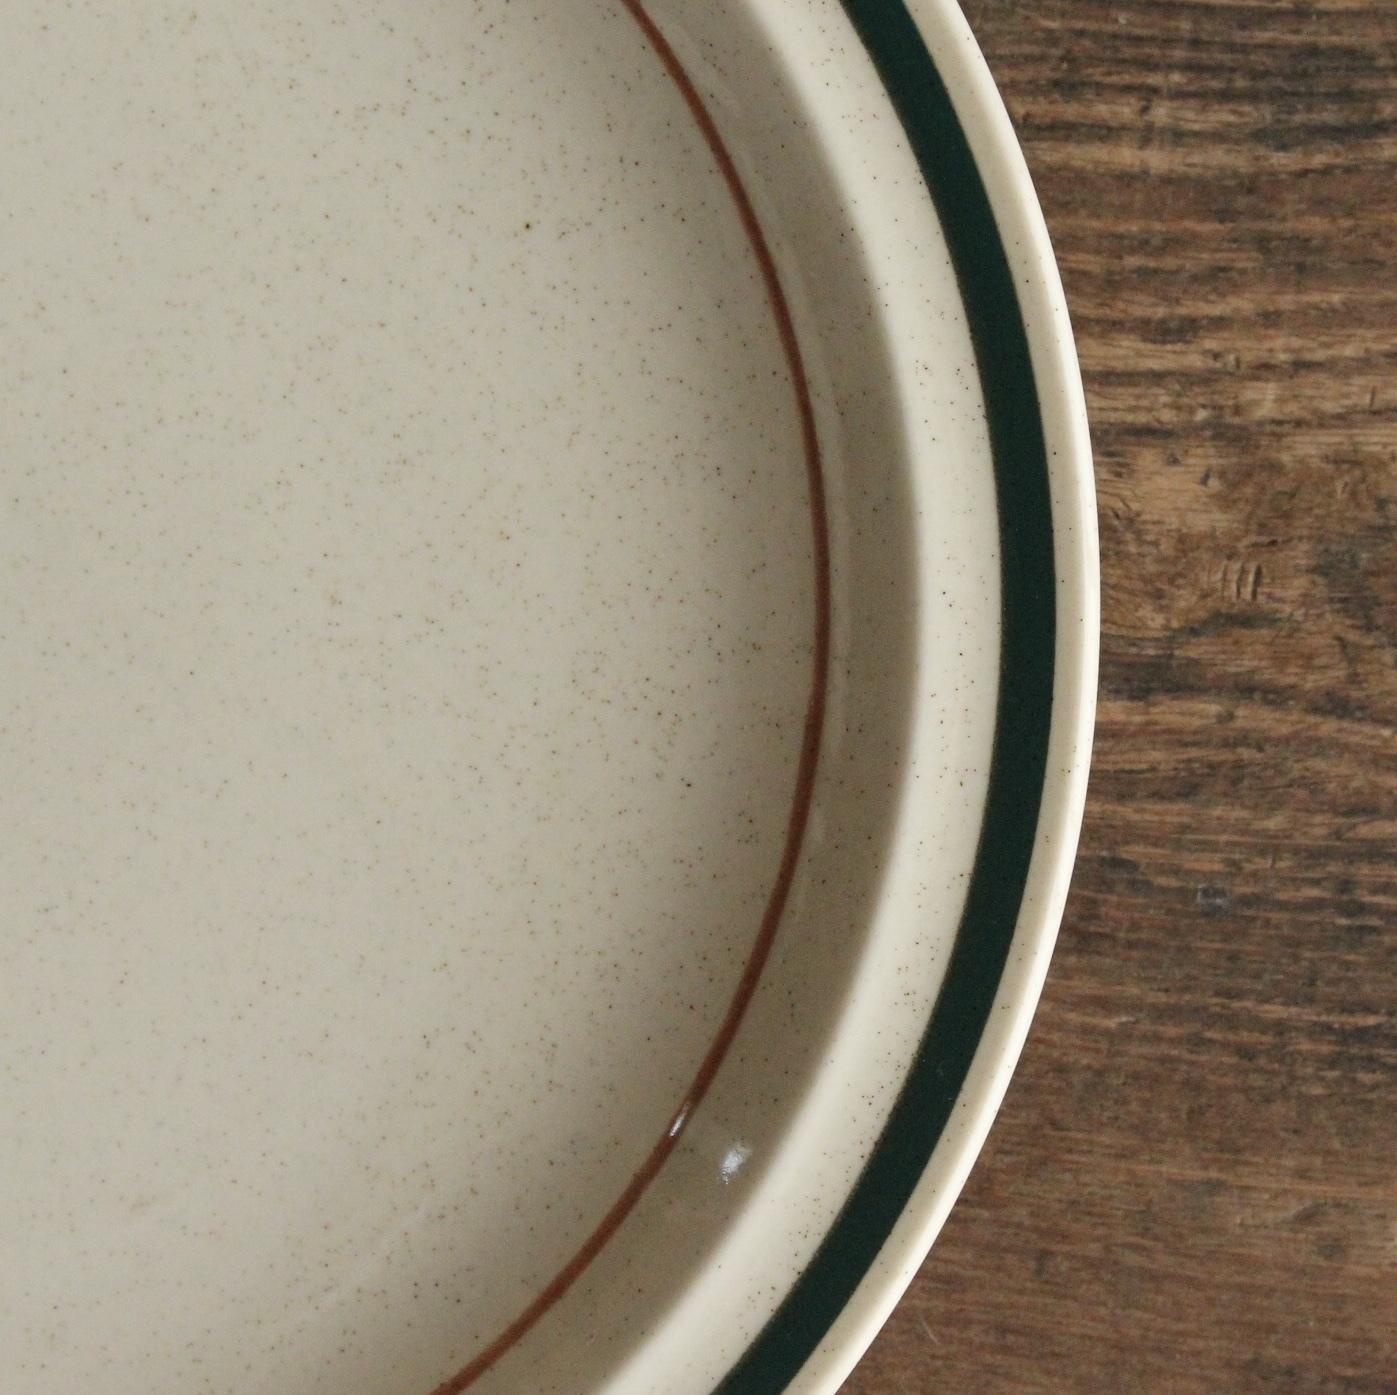 king ディナー皿 ストーンウェア